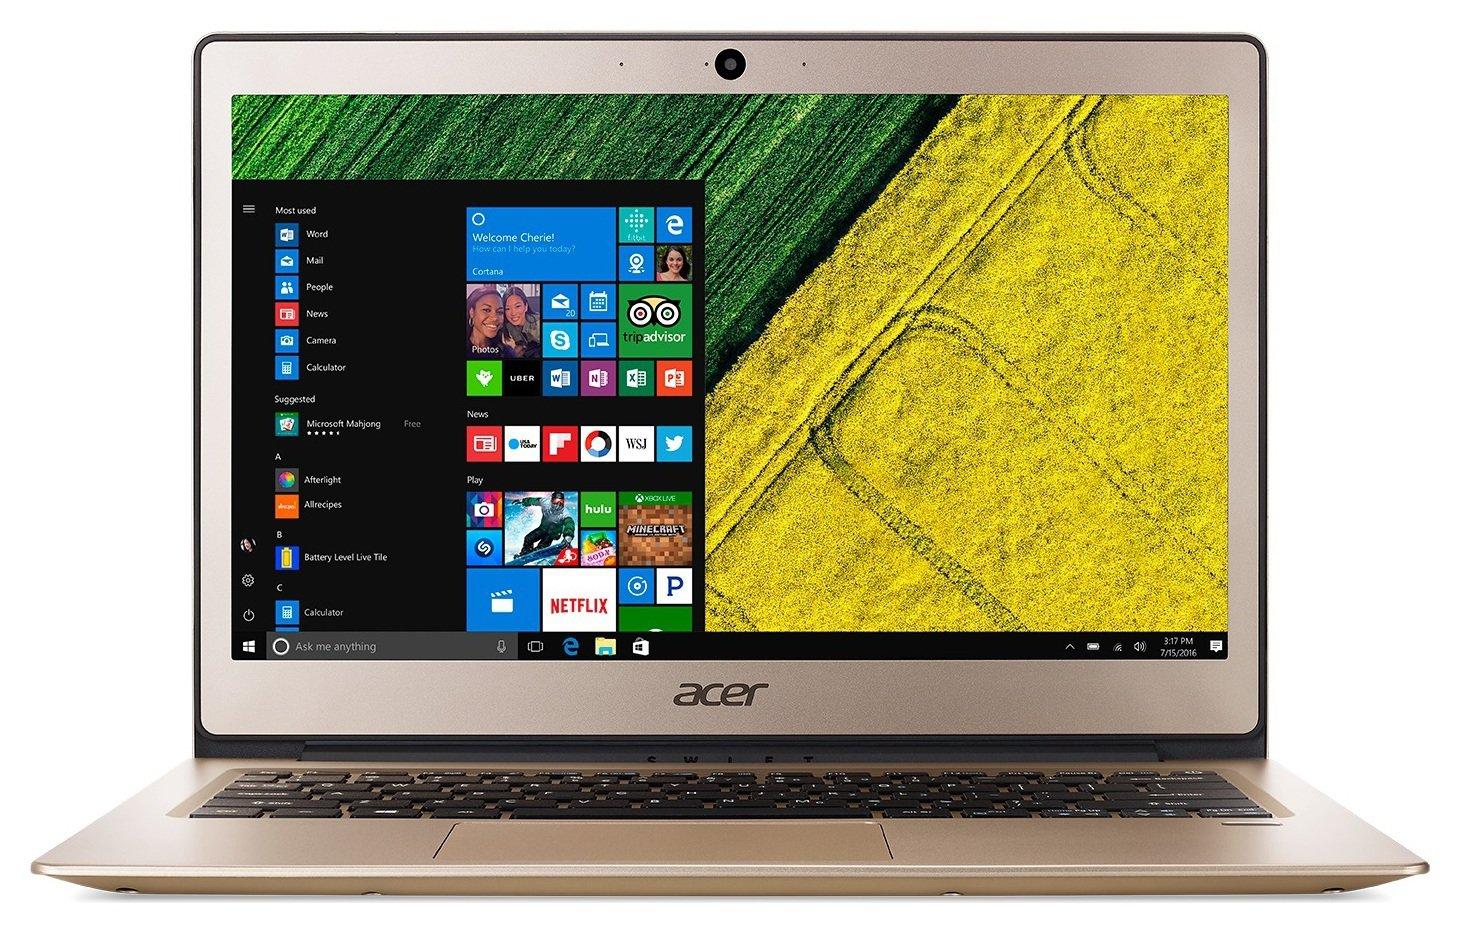 Acer Swift 1 13 Inch Pentium 4GB 128GB Laptop - Gold